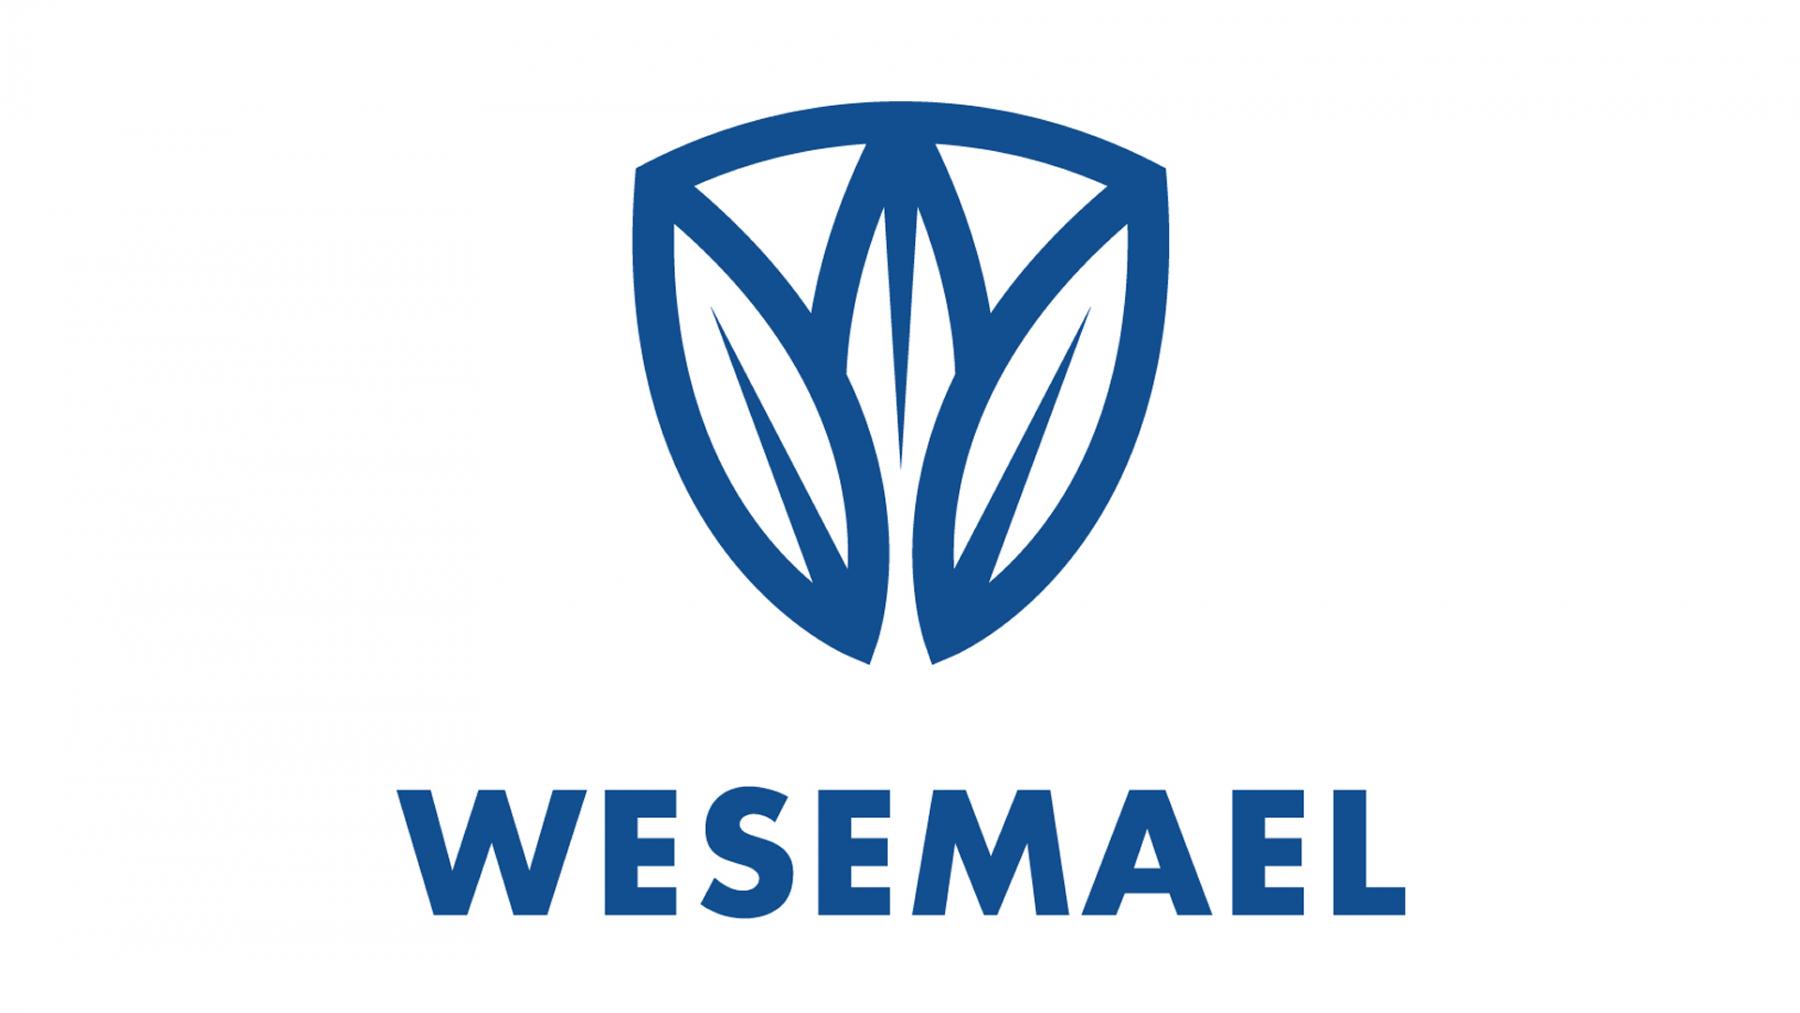 Wesemael.fw_